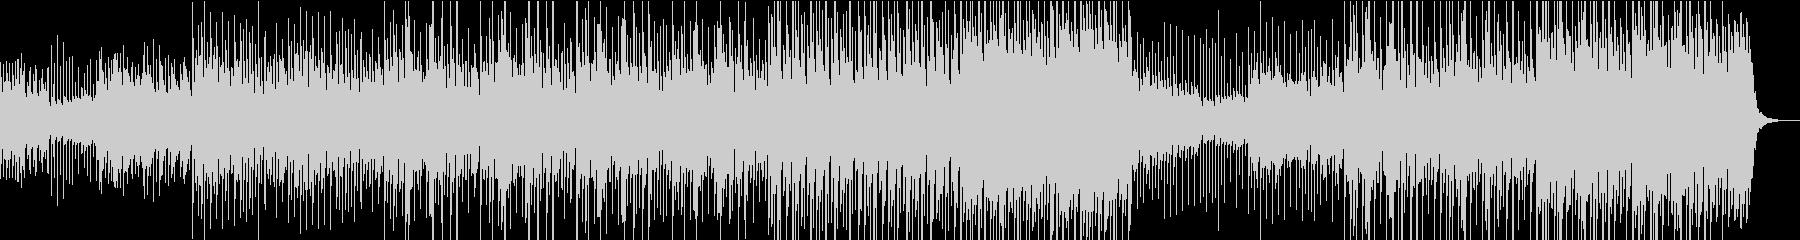 カリンバのおしゃれで楽しいポップスの未再生の波形